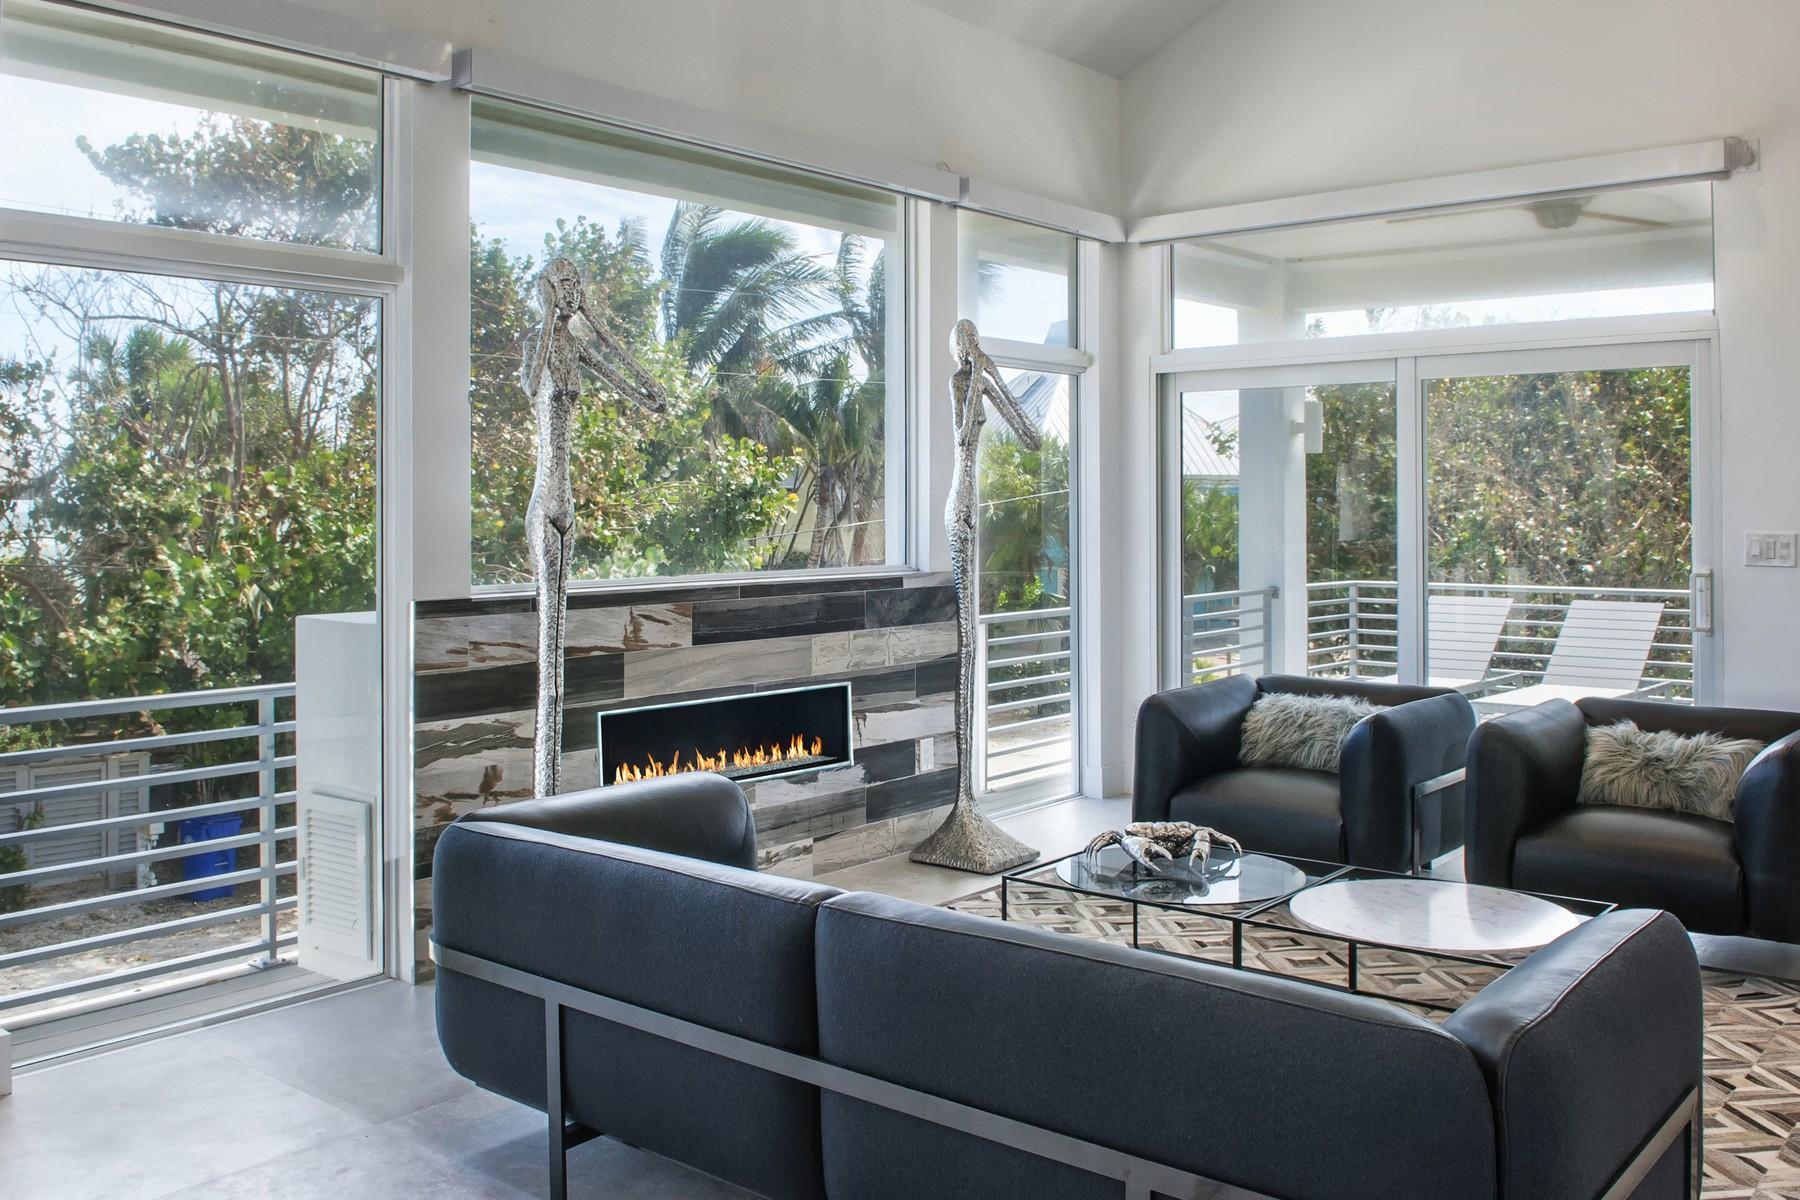 独户住宅 为 出租 在 Summerplace 1811 E Sandpiper Rd 维罗海滩, 佛罗里达州 32963 美国